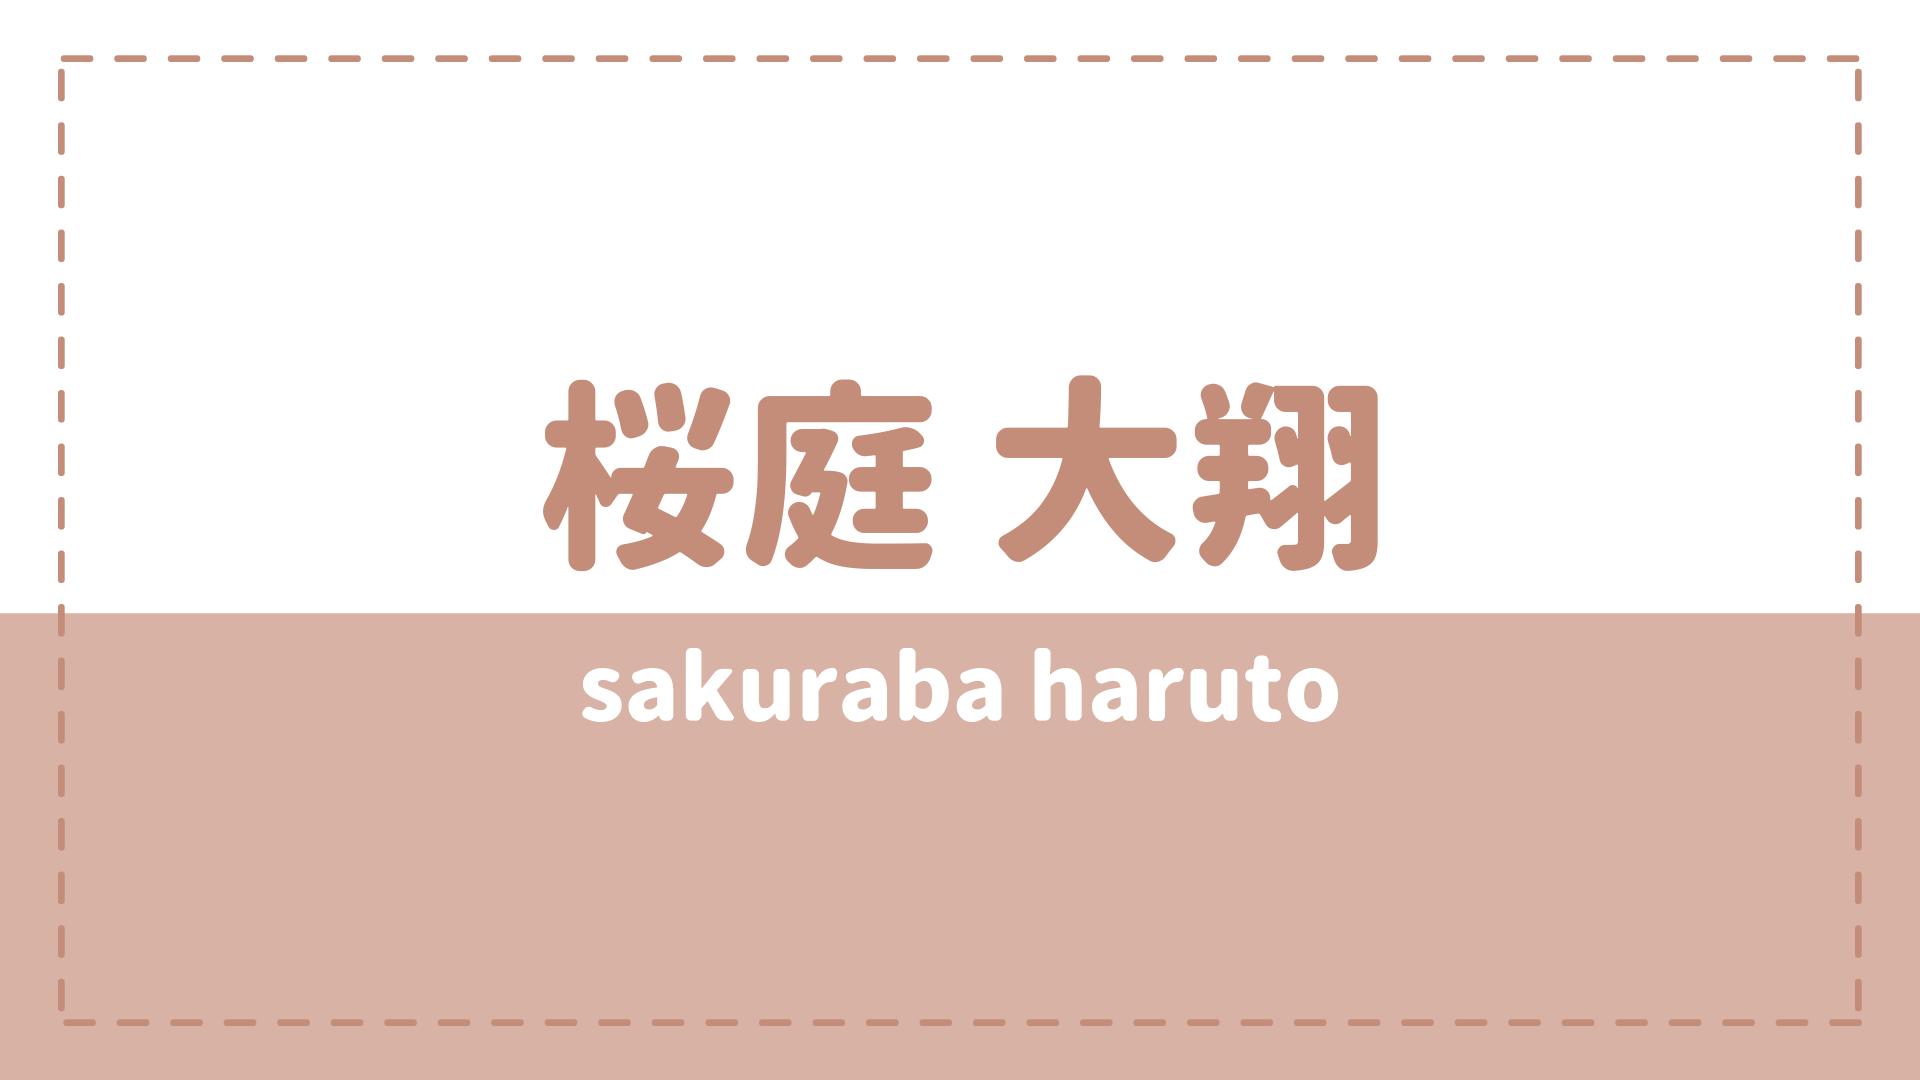 桜庭大翔のwikiプロフィール!高校大学や出演作品もチェック